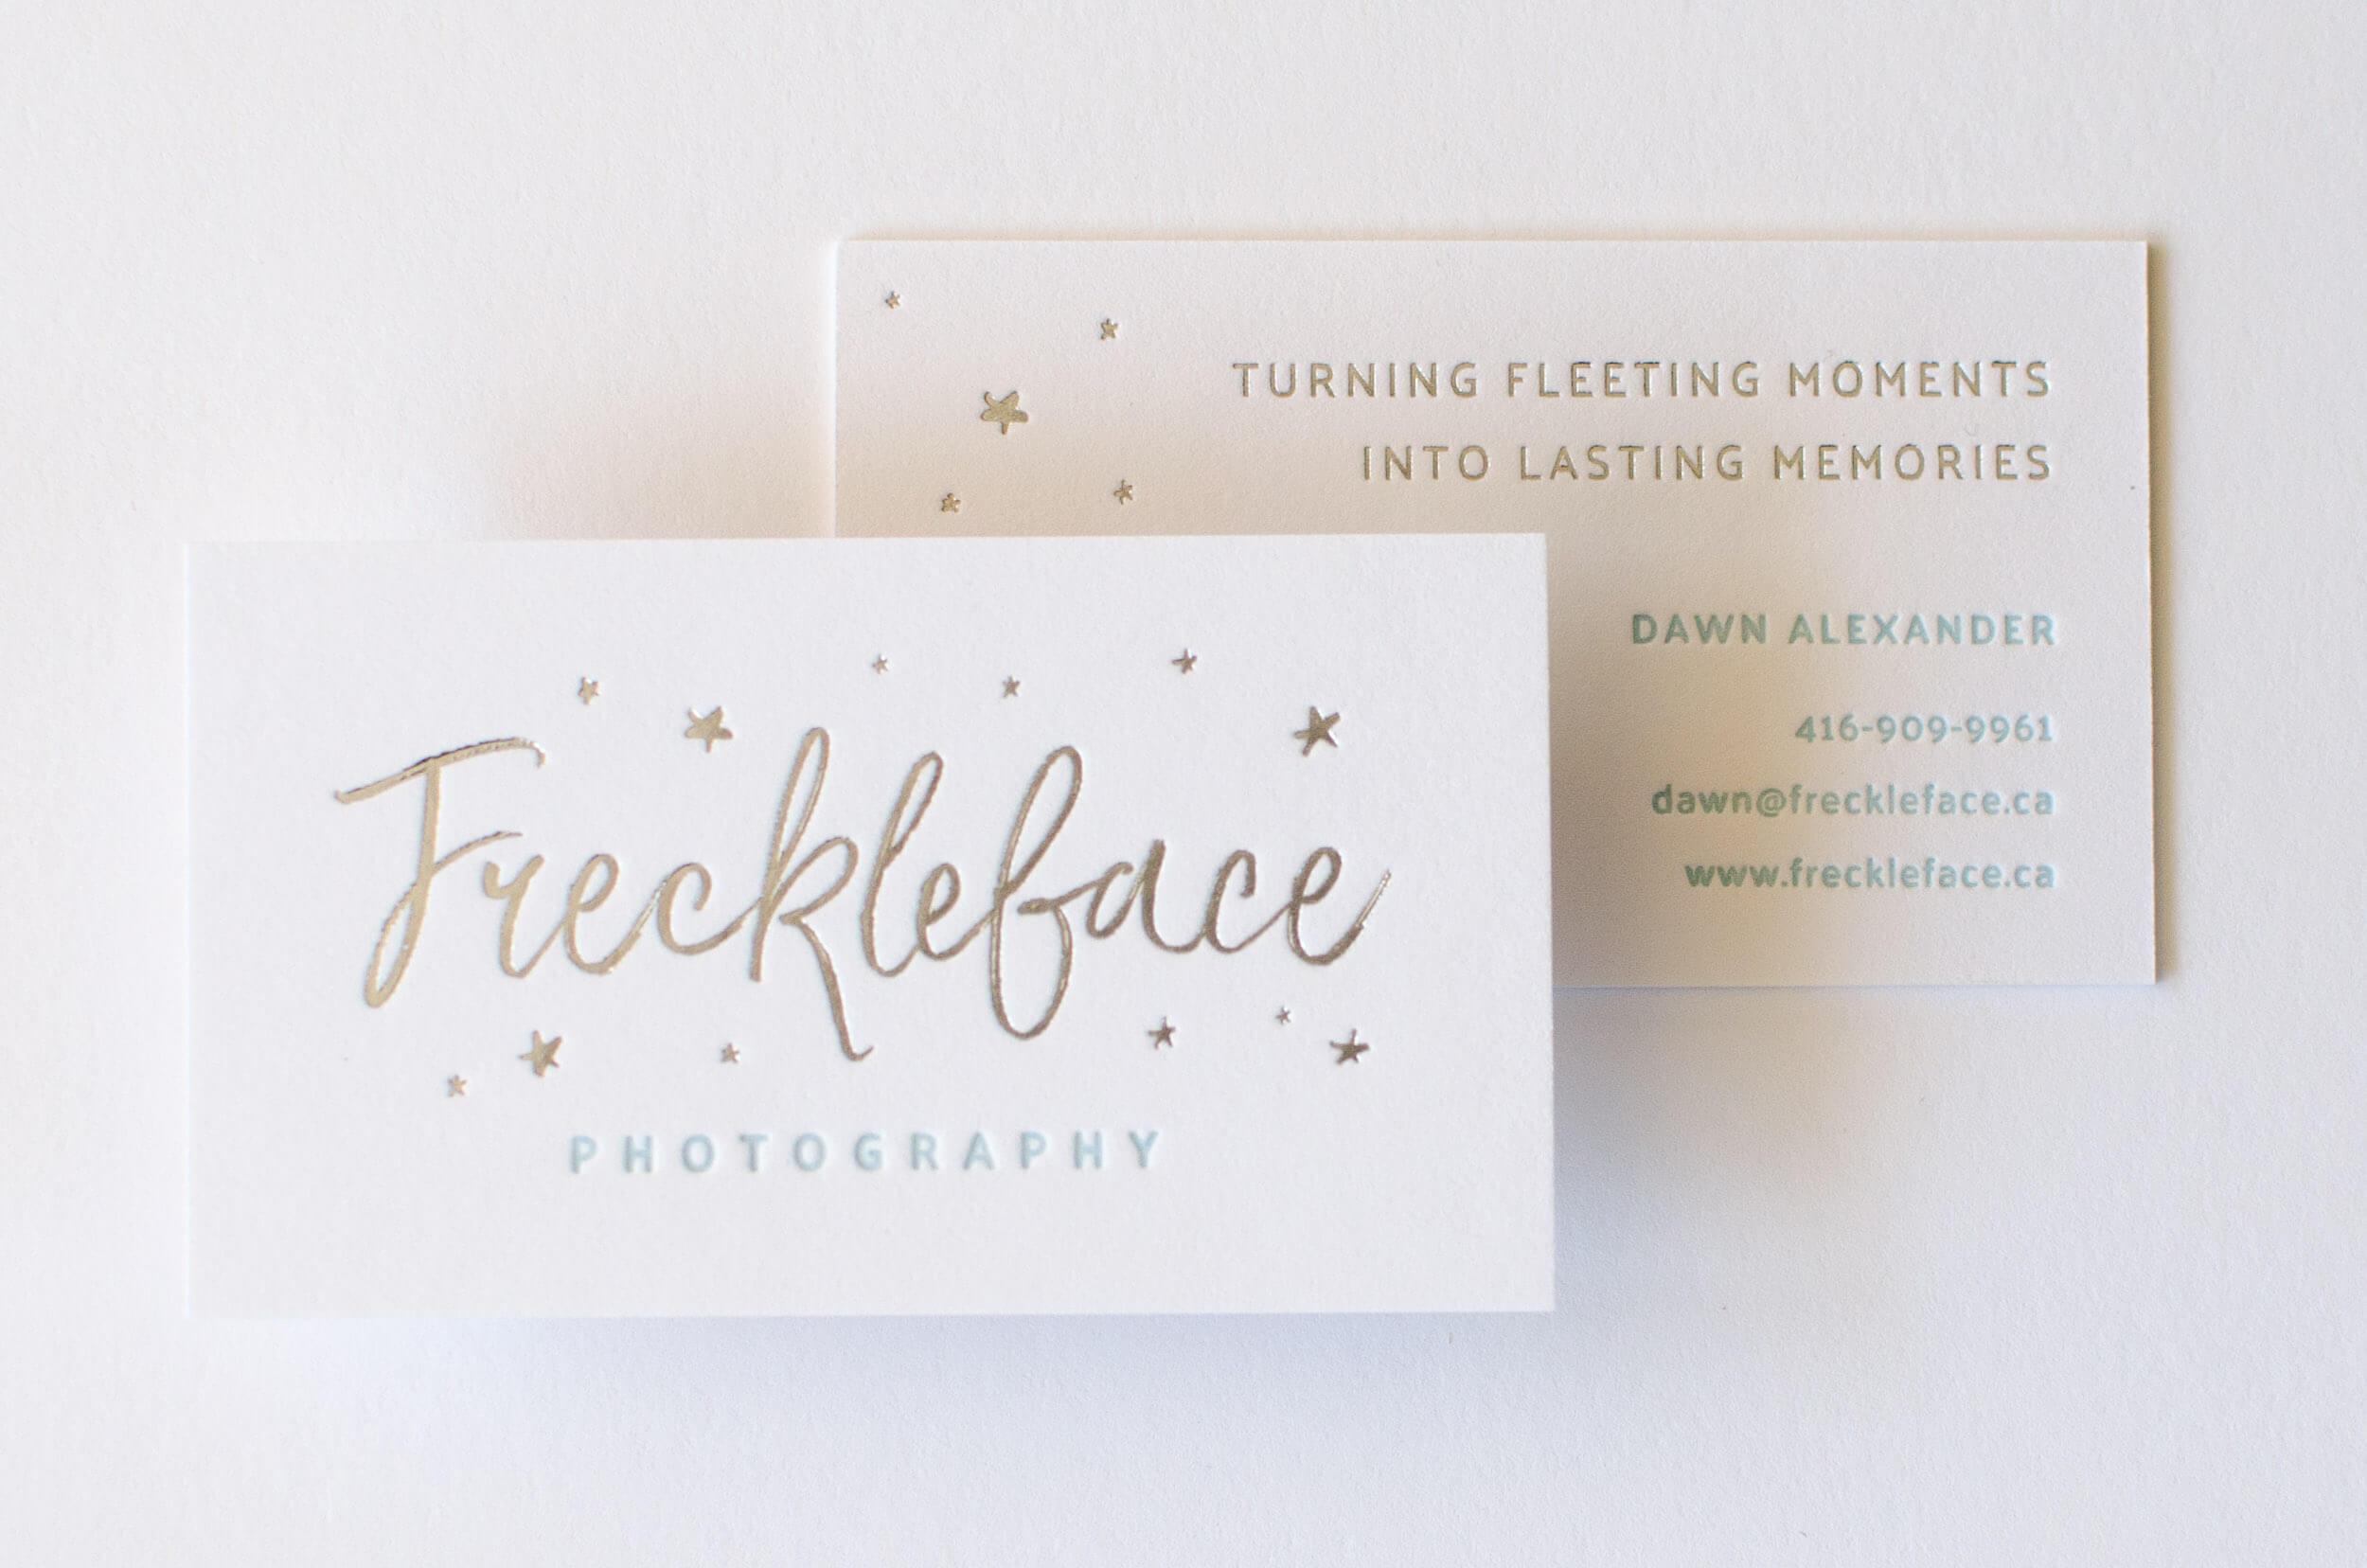 freckleface-businesscards-letterpress-foil-6.jpg